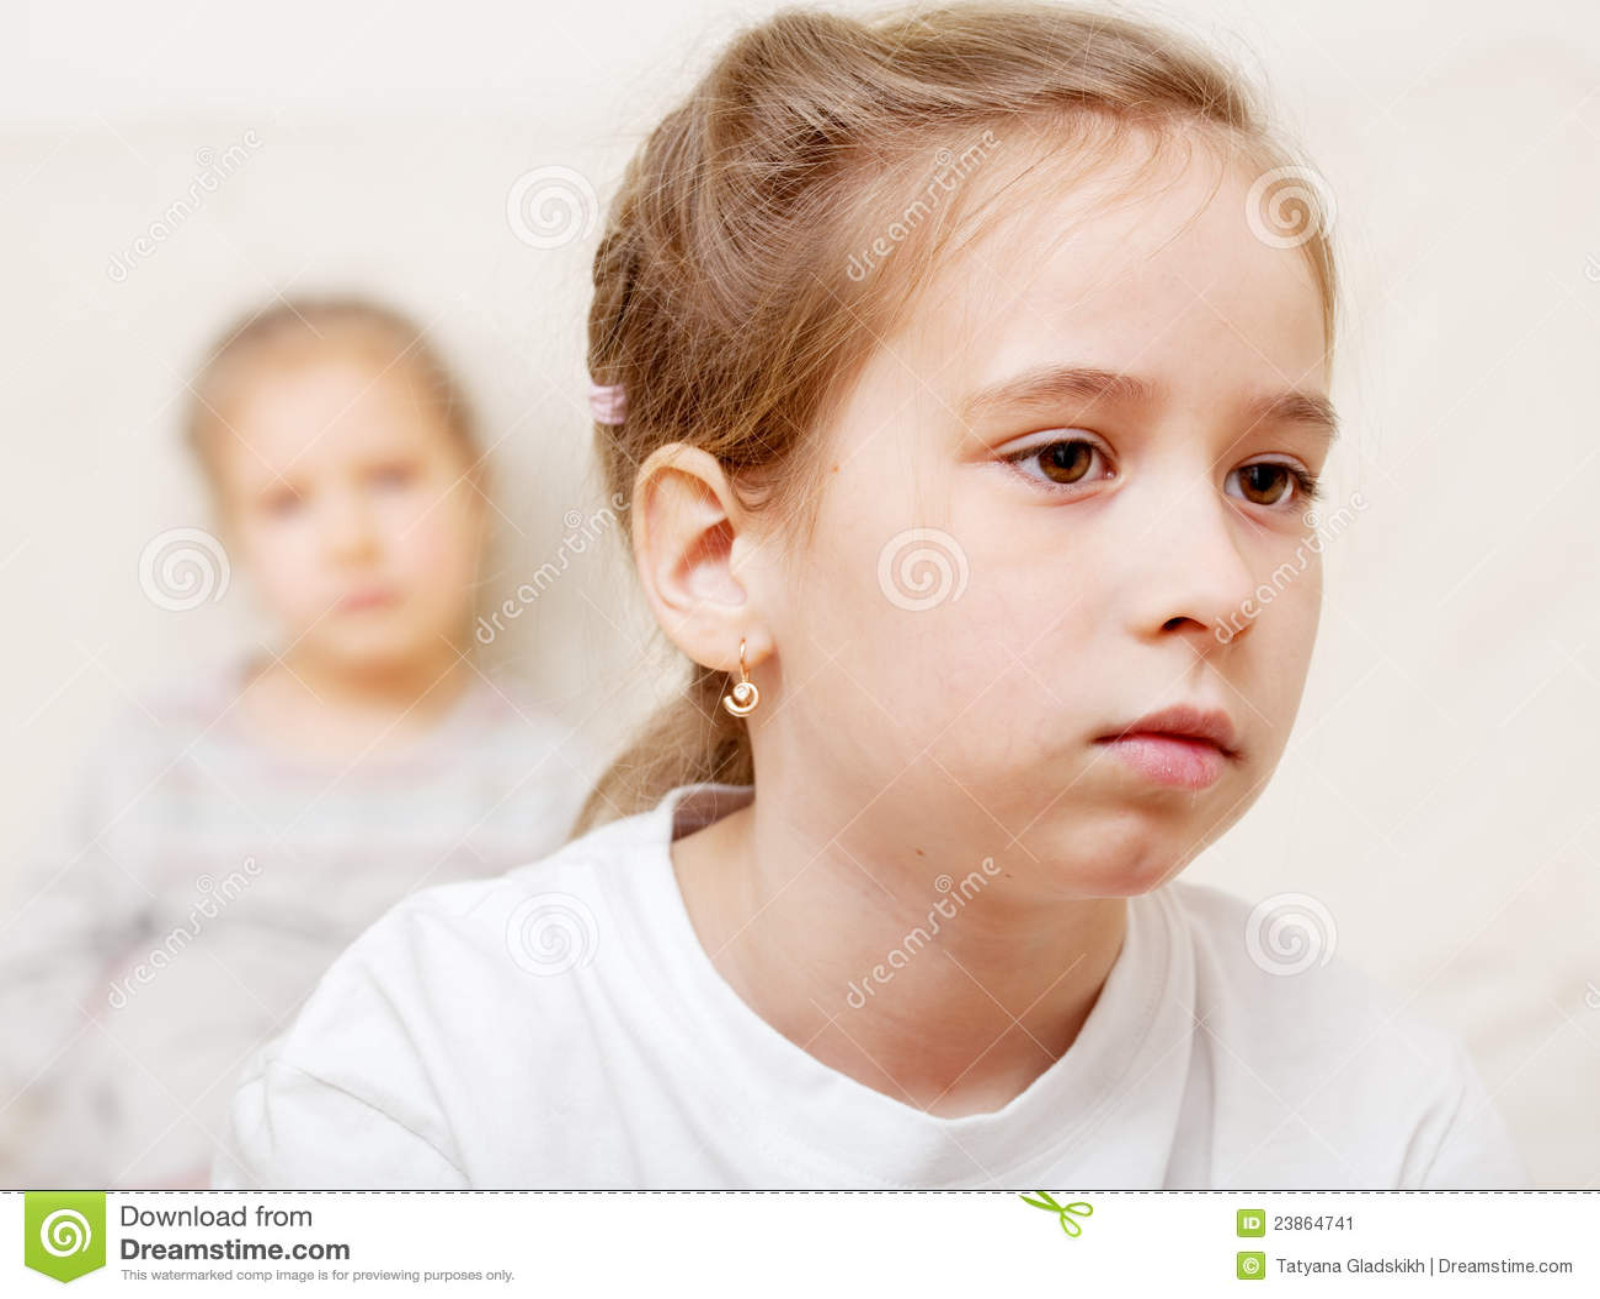 Conflict Between Children Stock Image - Image: 23864741